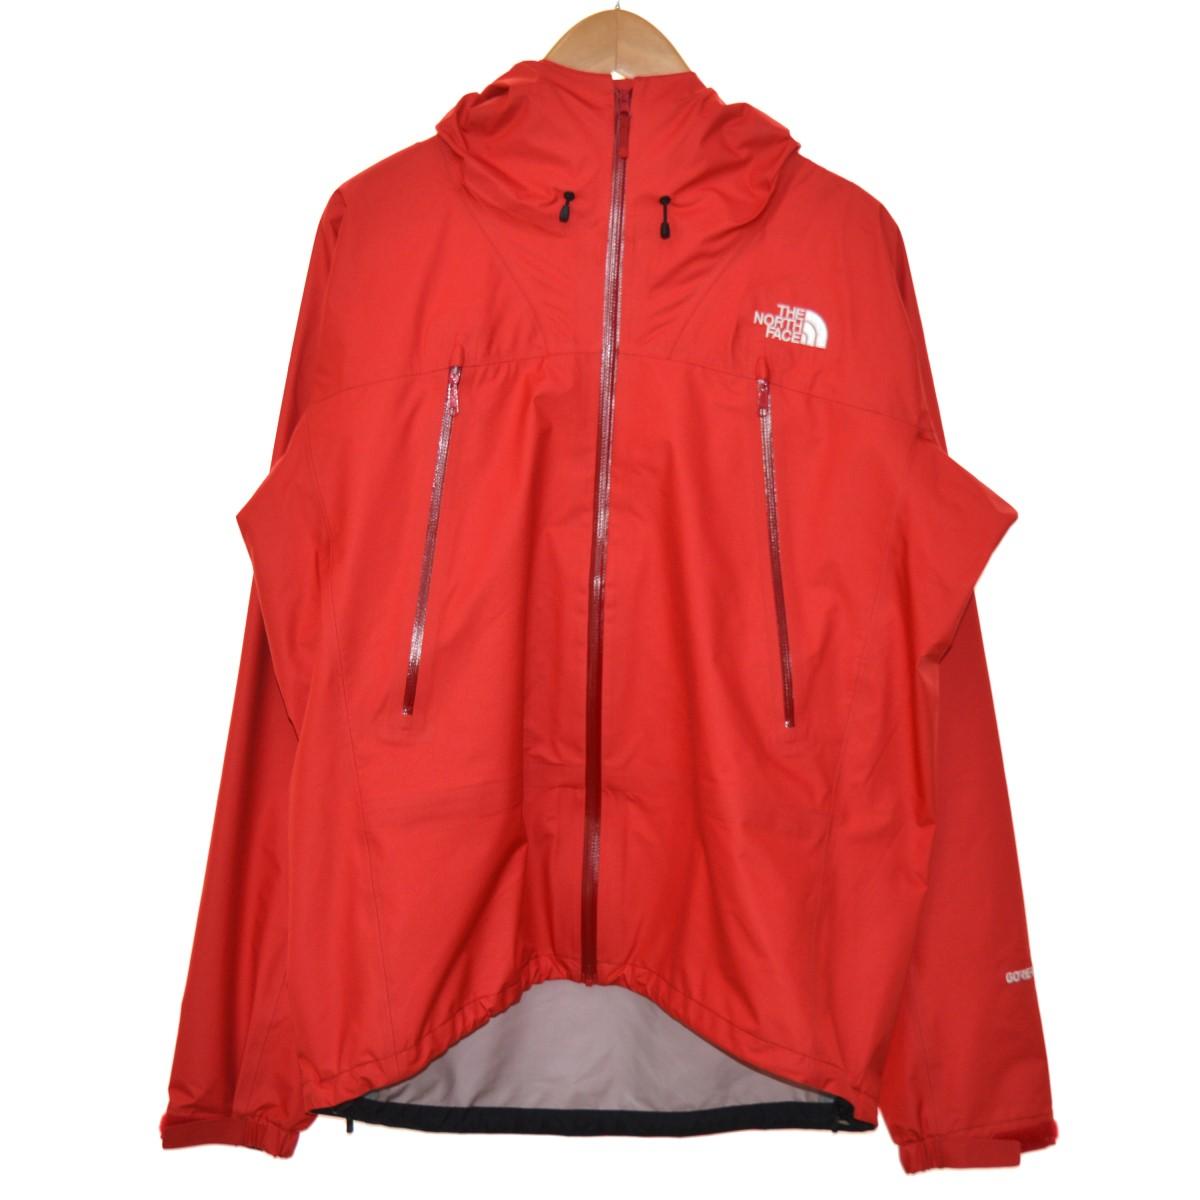 【中古】THE NORTH FACE クライムベーリーライトジャケット マウンテンパーカー レッド サイズ:L 【040520】(ザノースフェイス)